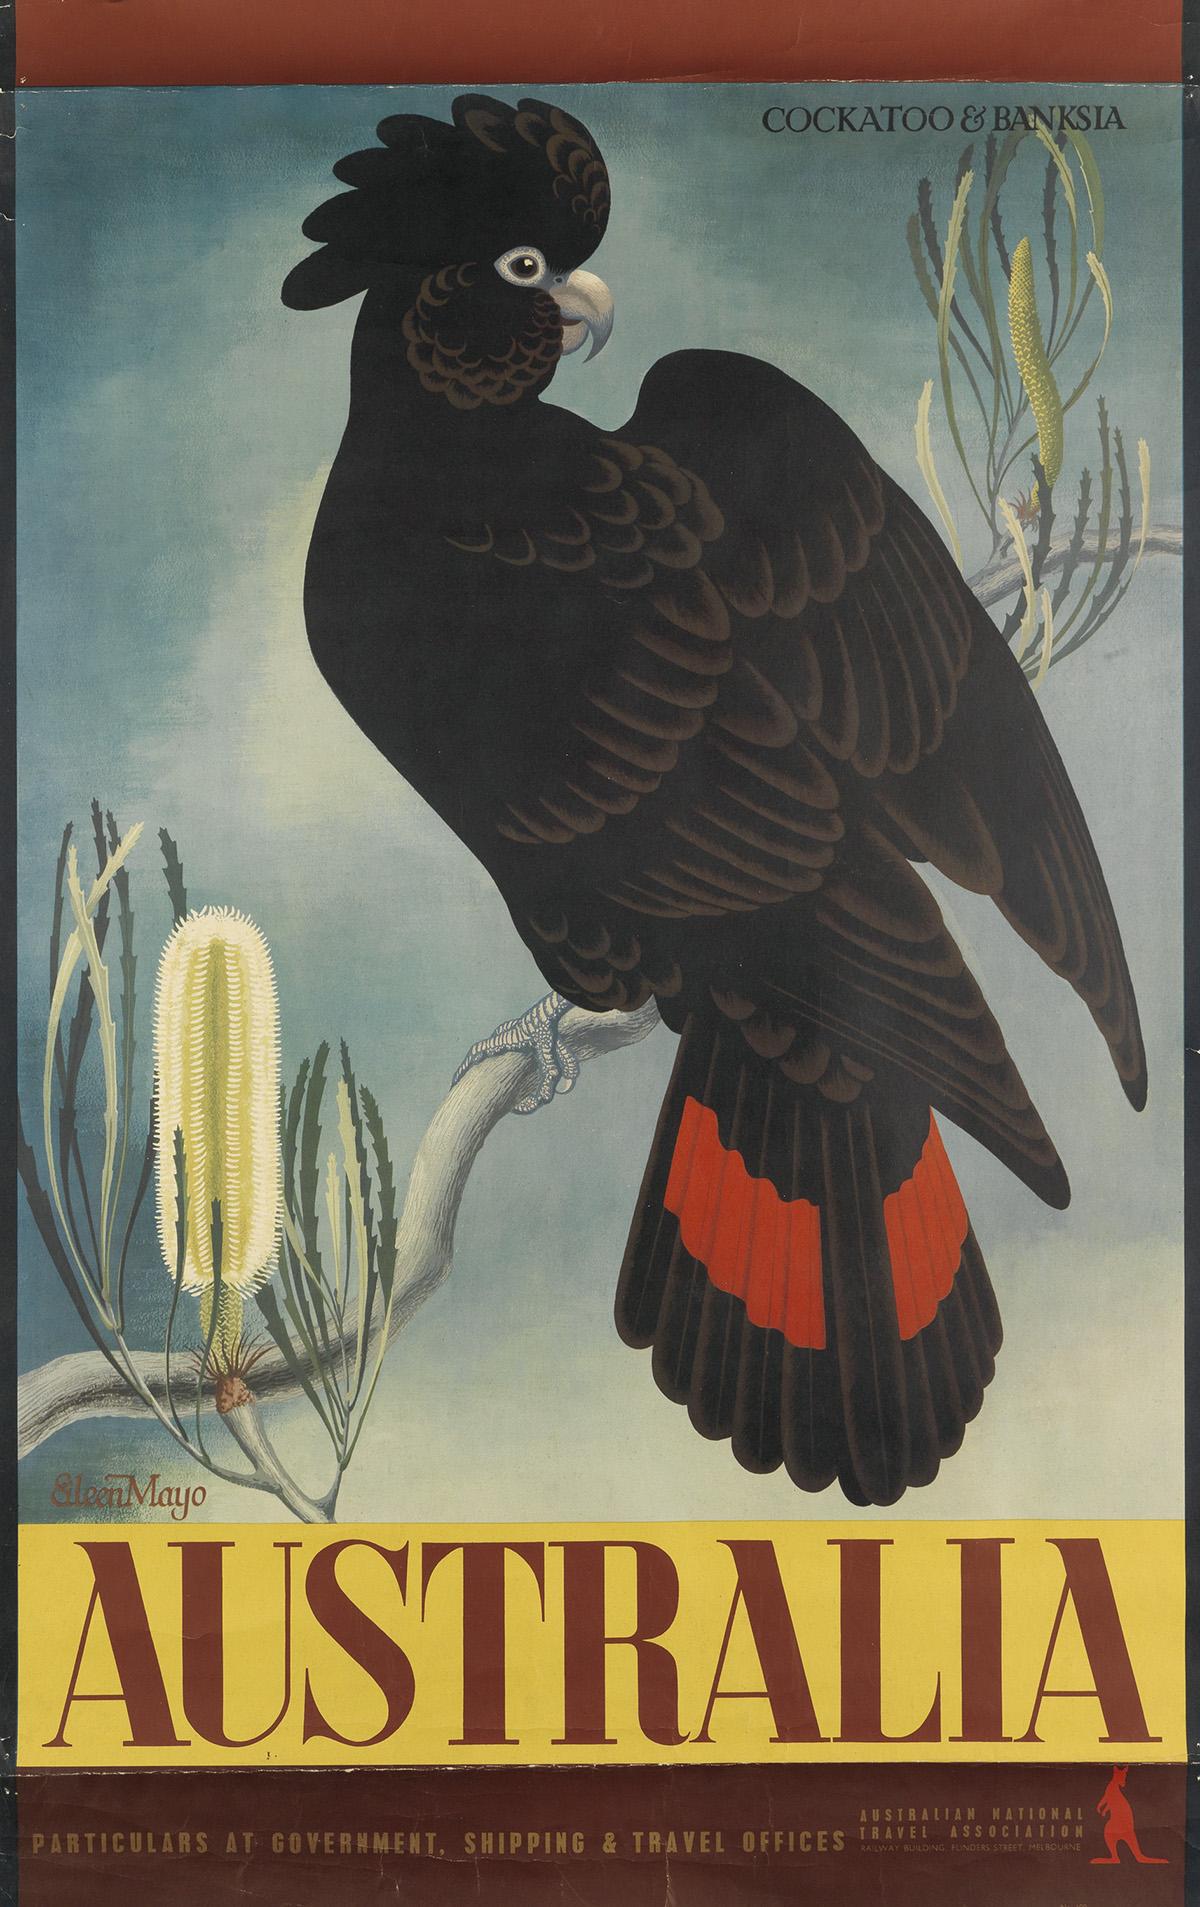 EILEEN-MAYO-(1906-1994)-AUSTRALIA--COCKATOO--BANKSIA-1956-39